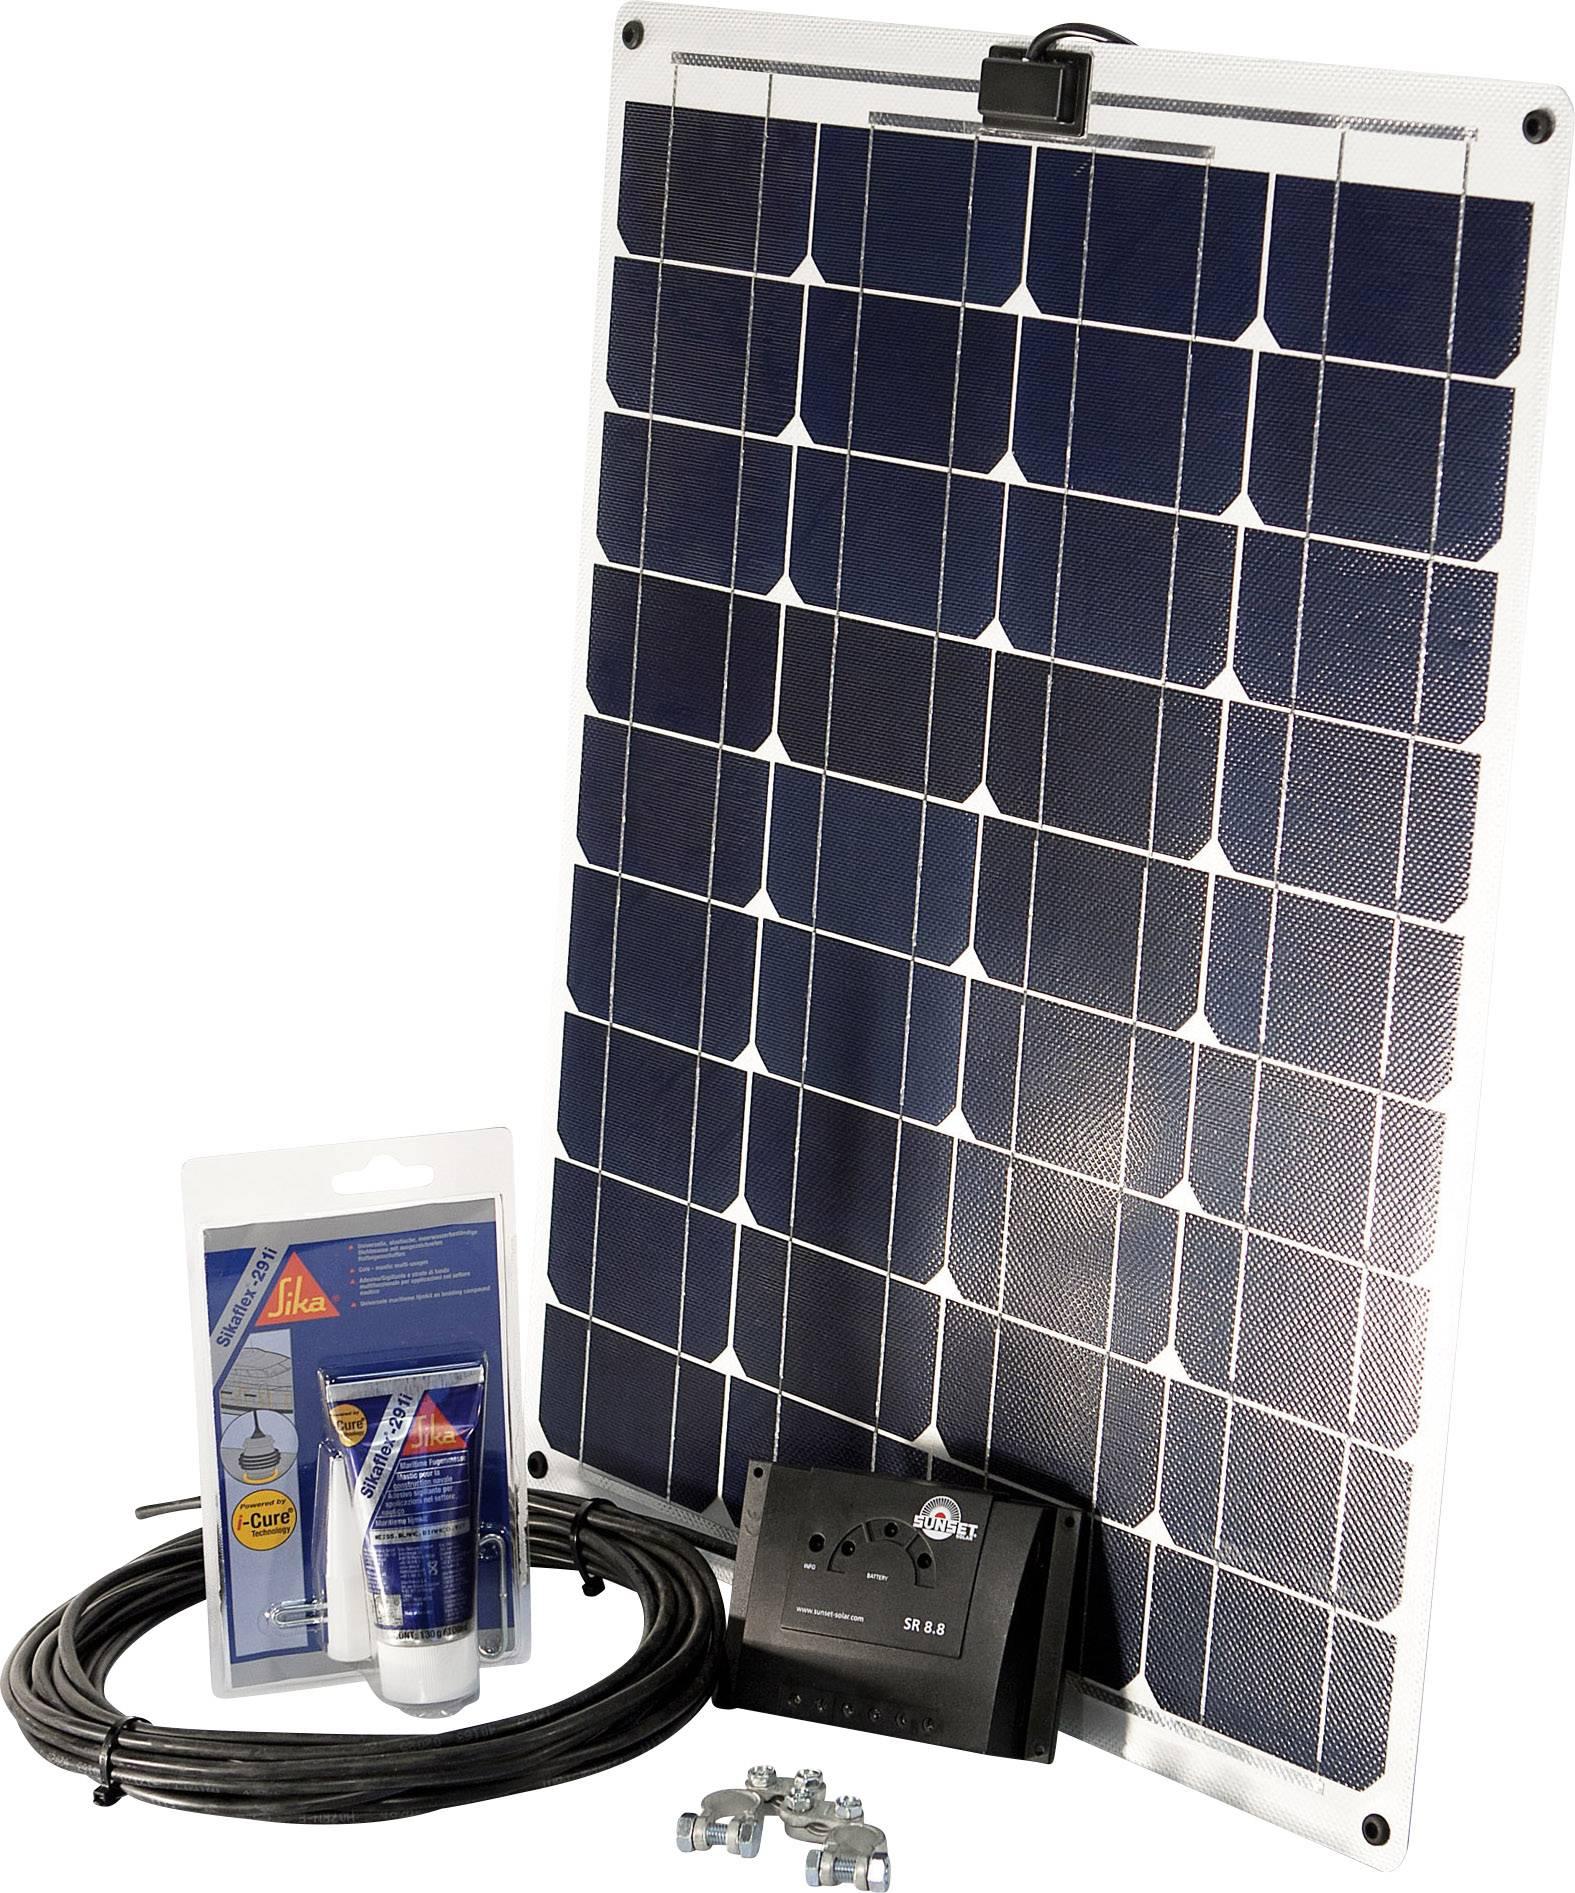 Solární sada pro lodě a jachty Sunset 110263 , 45 W